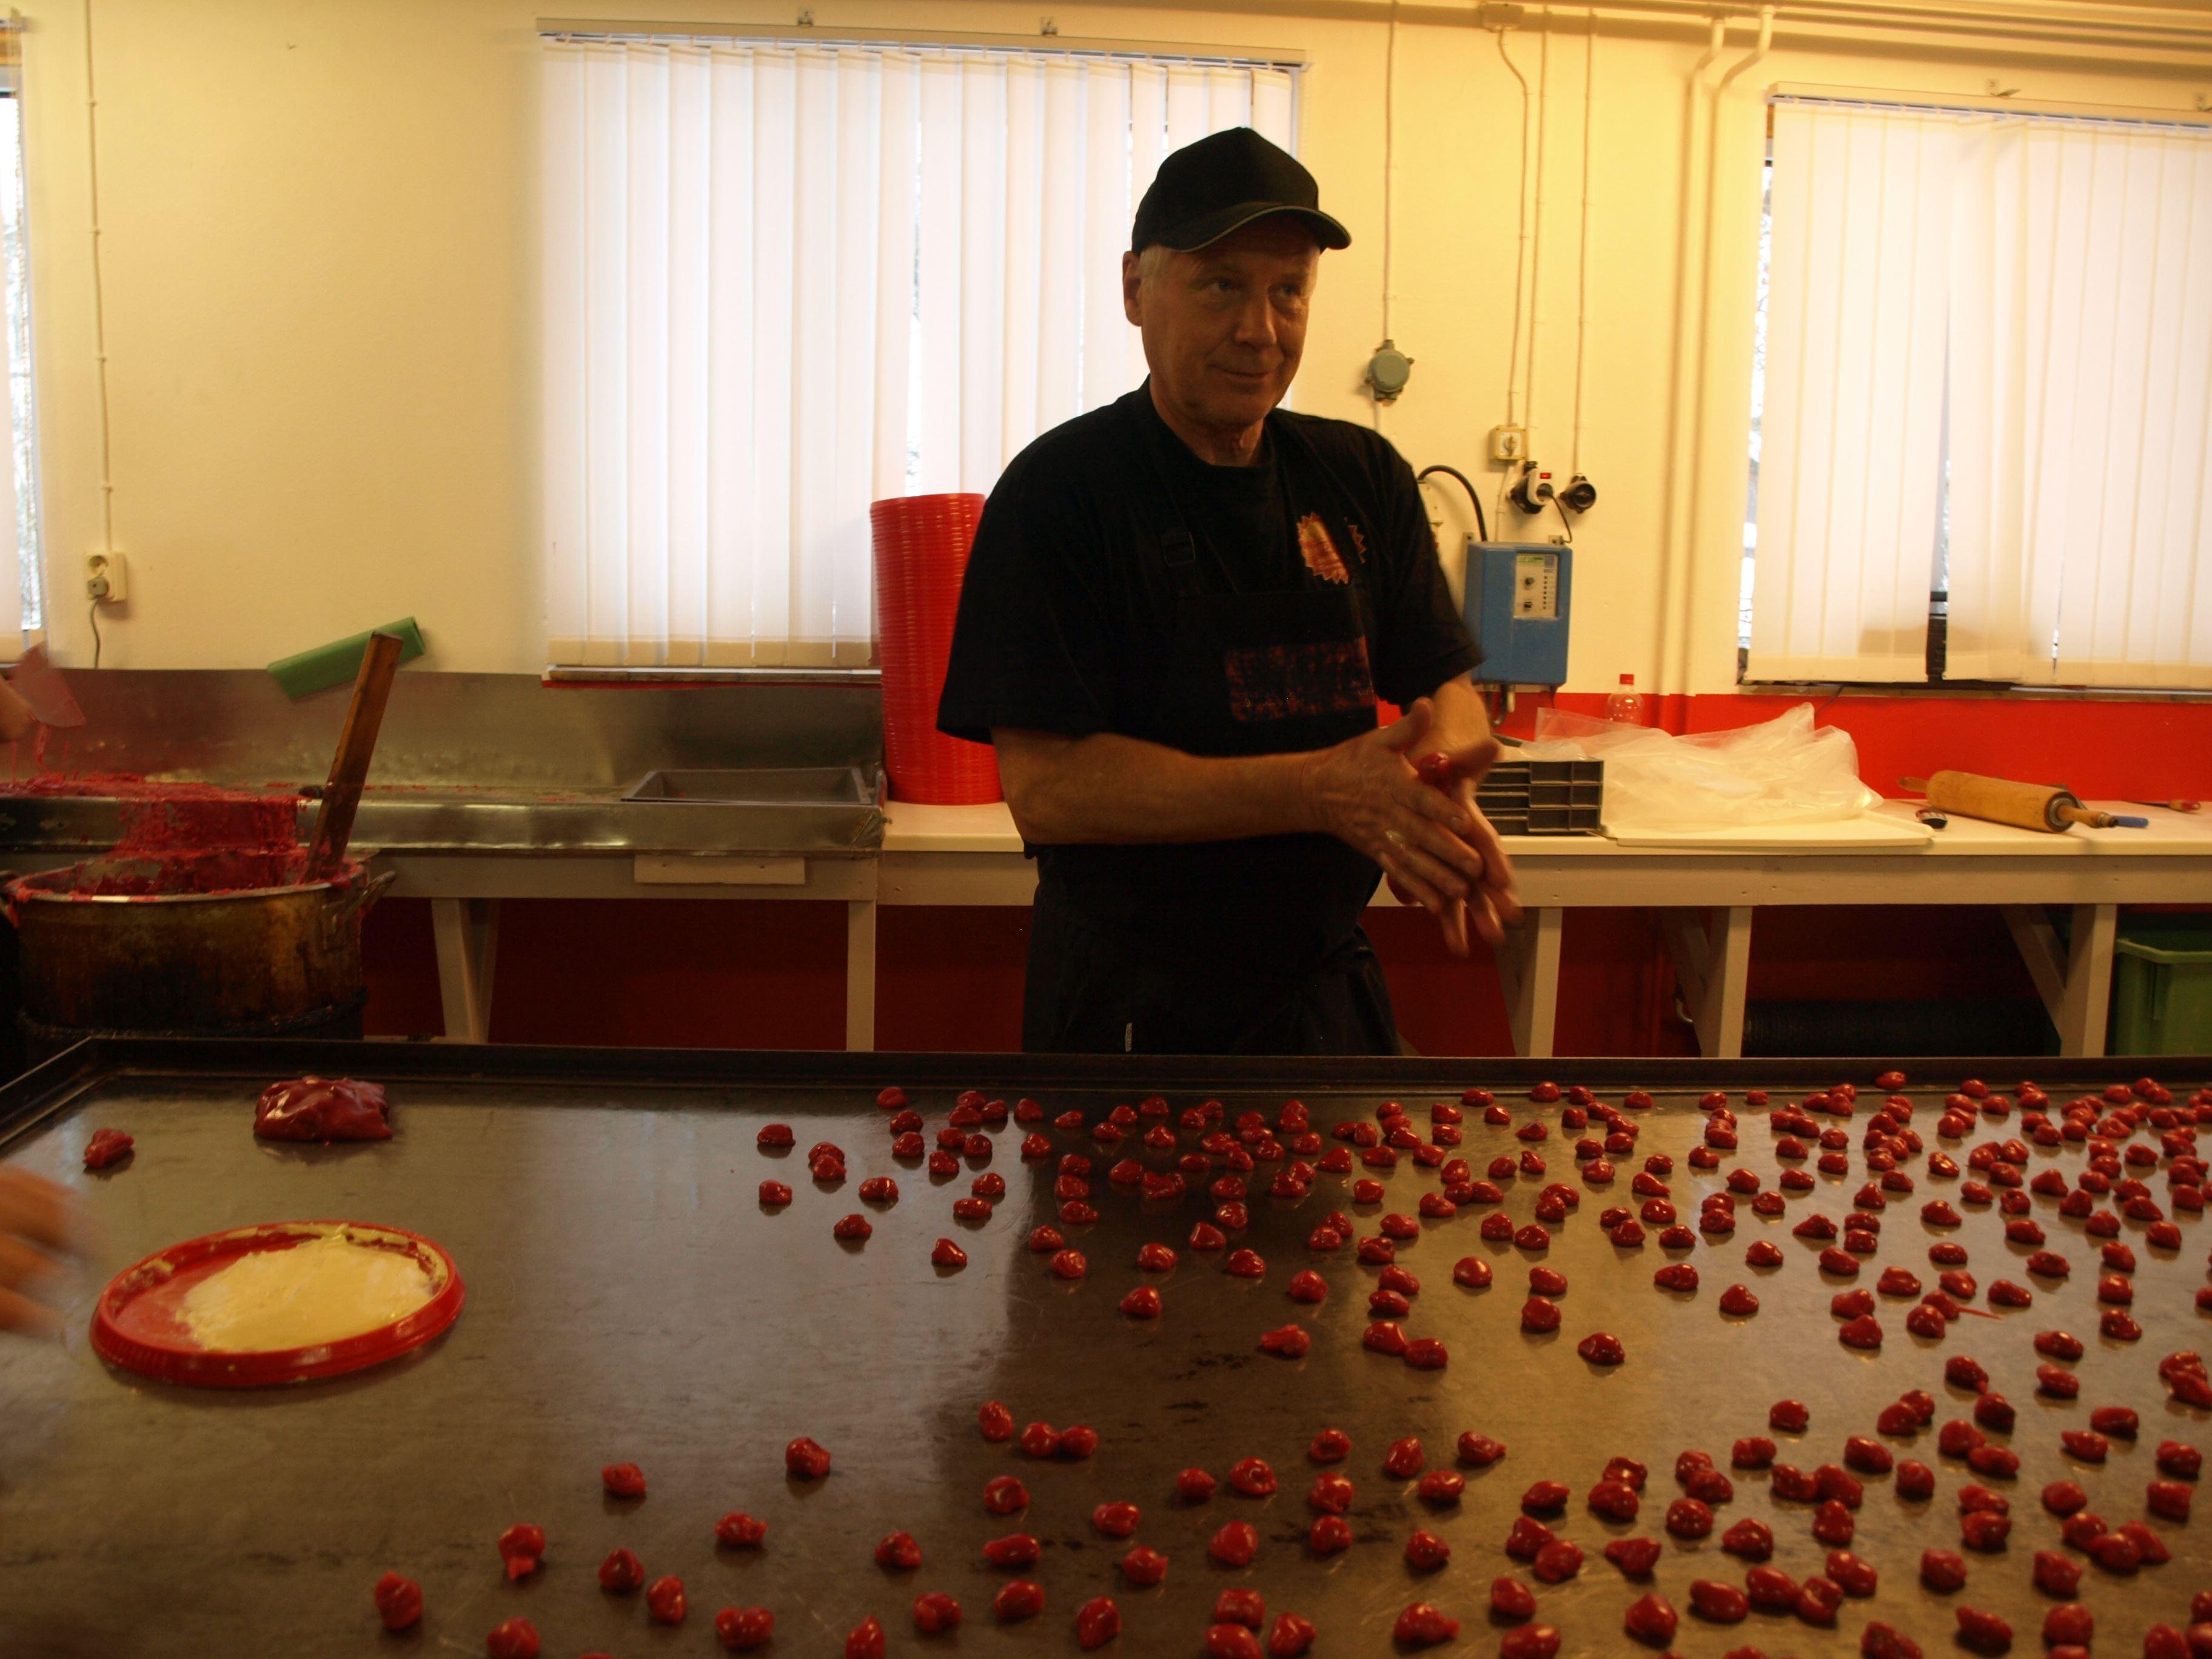 Råsnäs Konfektyr (confectionary)